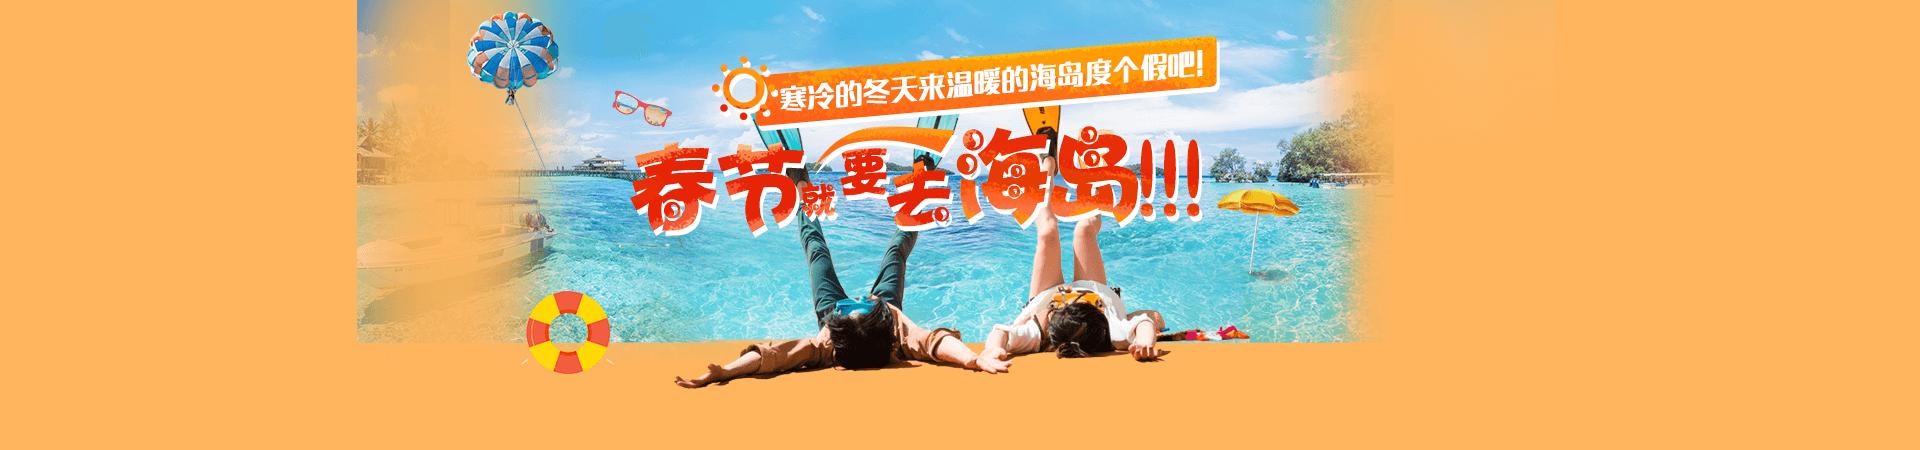 春节就要去海岛